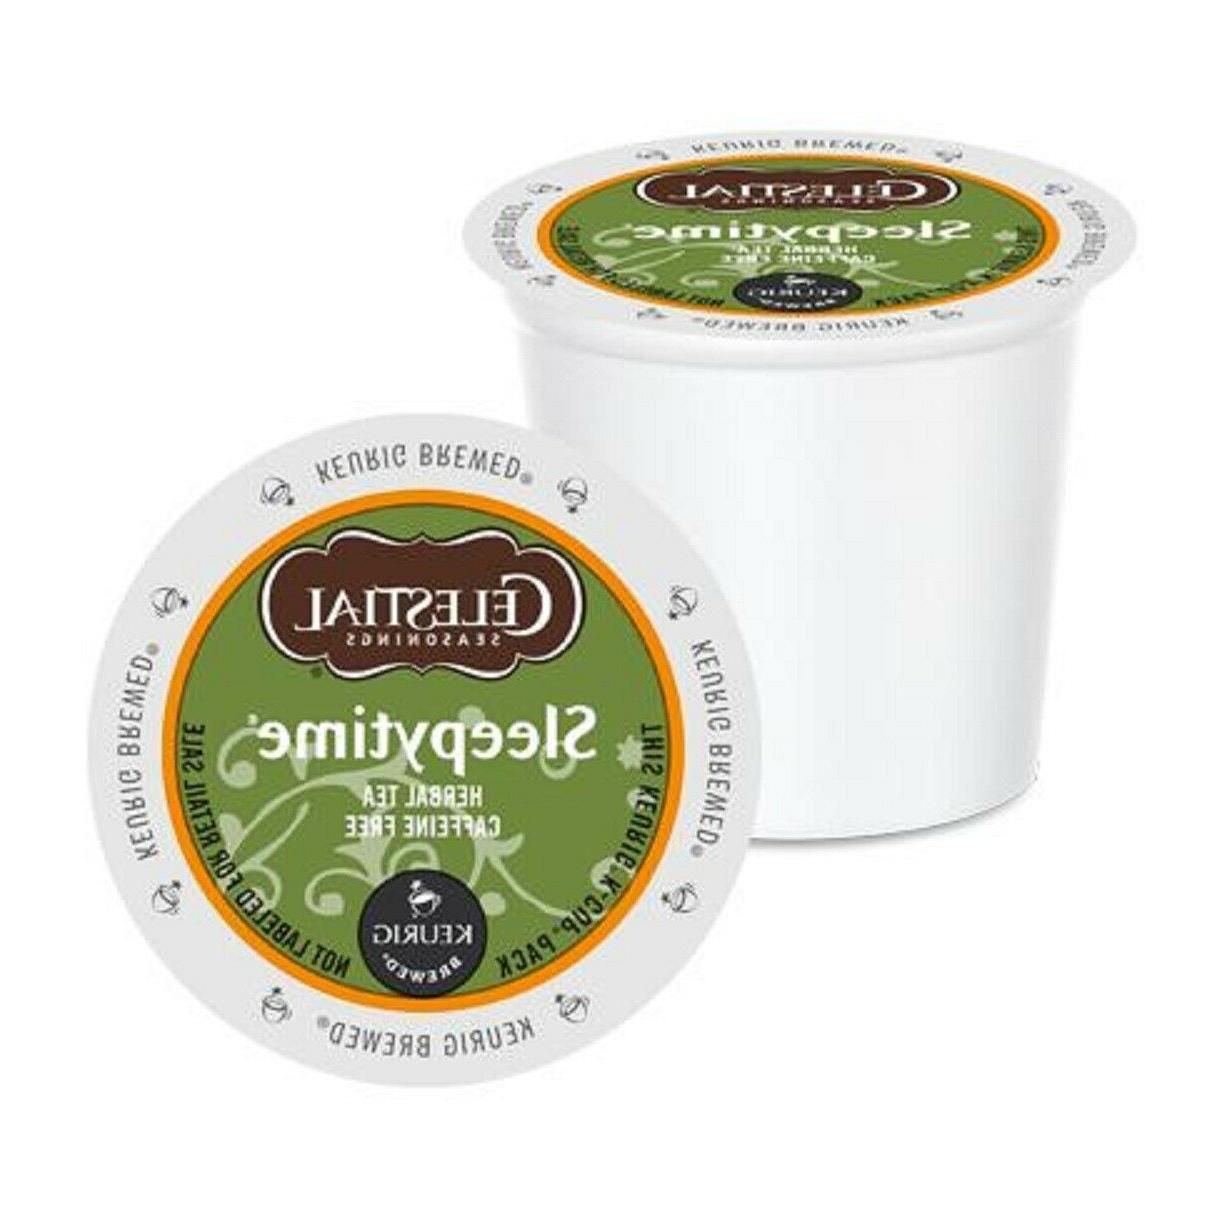 Celestial Seasonings Sleepytime Herbal Tea 12 Keurig K-Cups